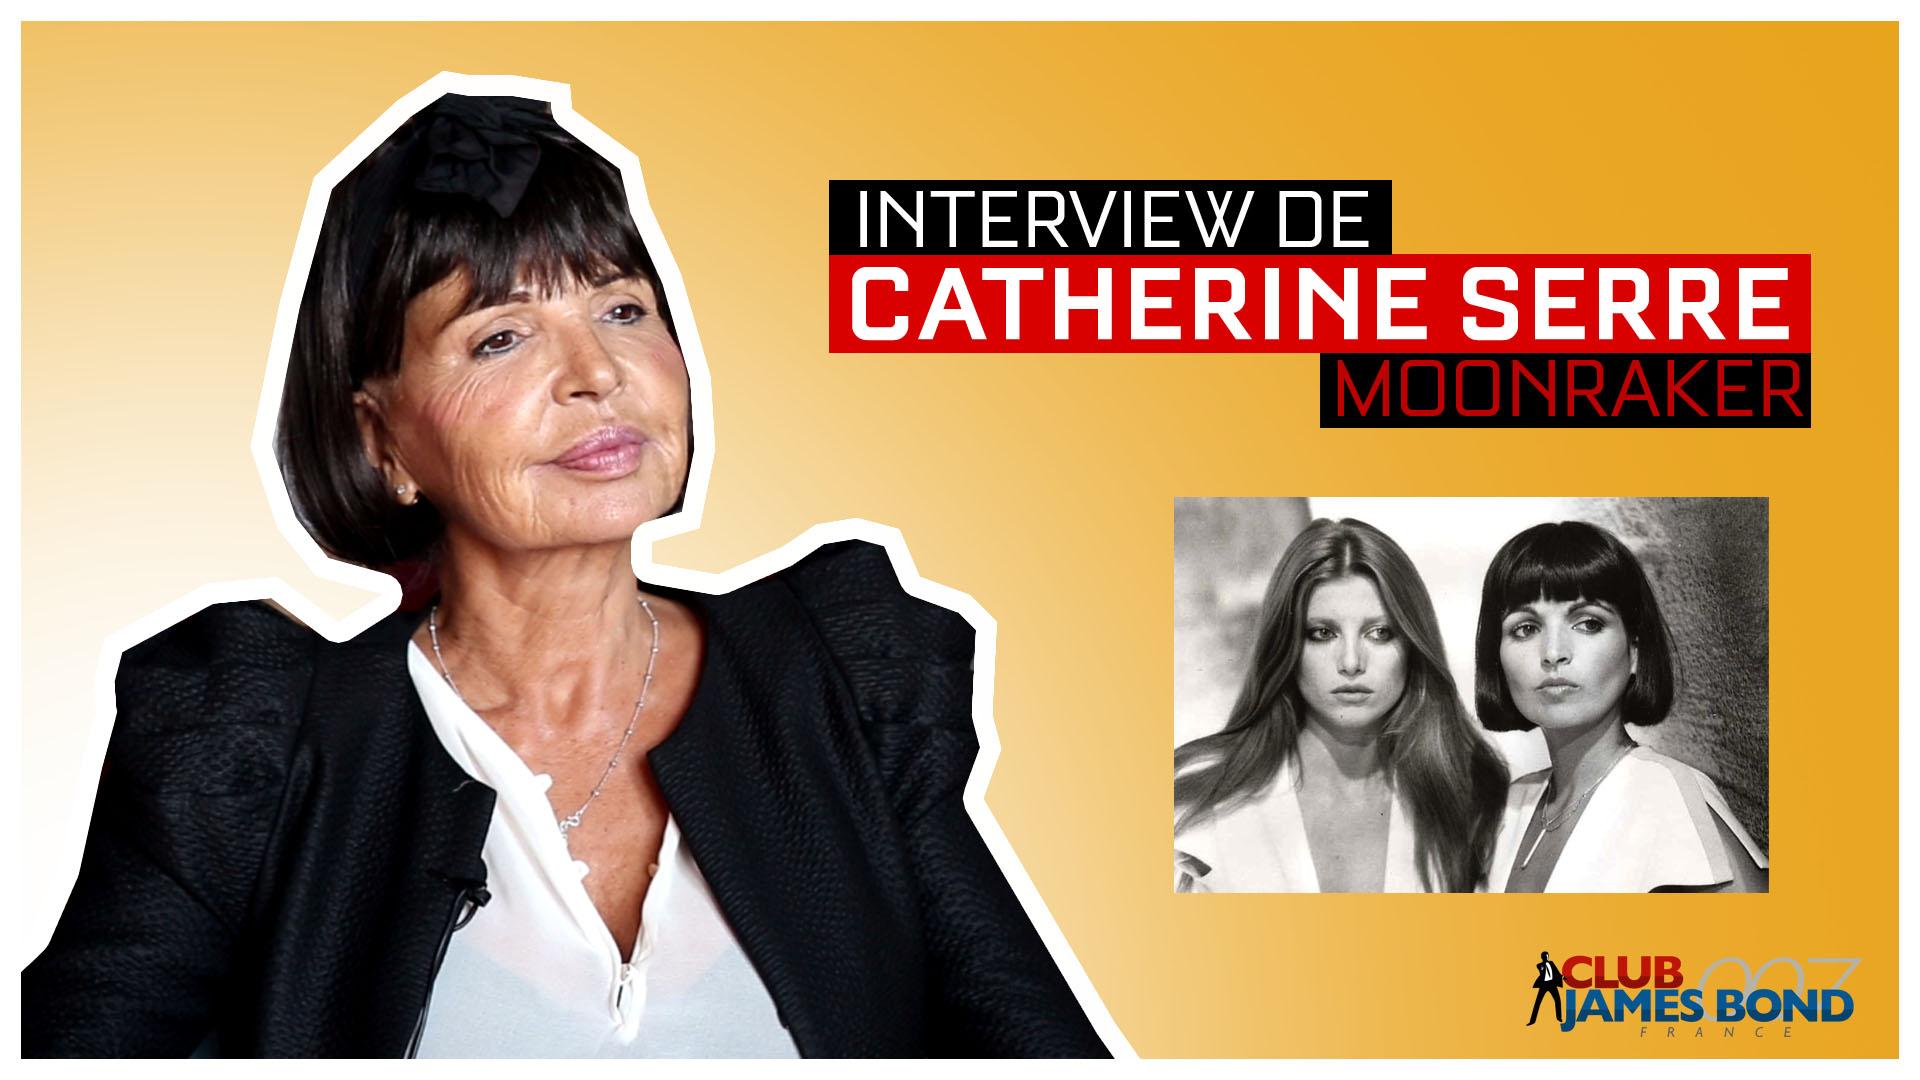 MOONRAKER : Catherine Serre se confie sur sa carrière